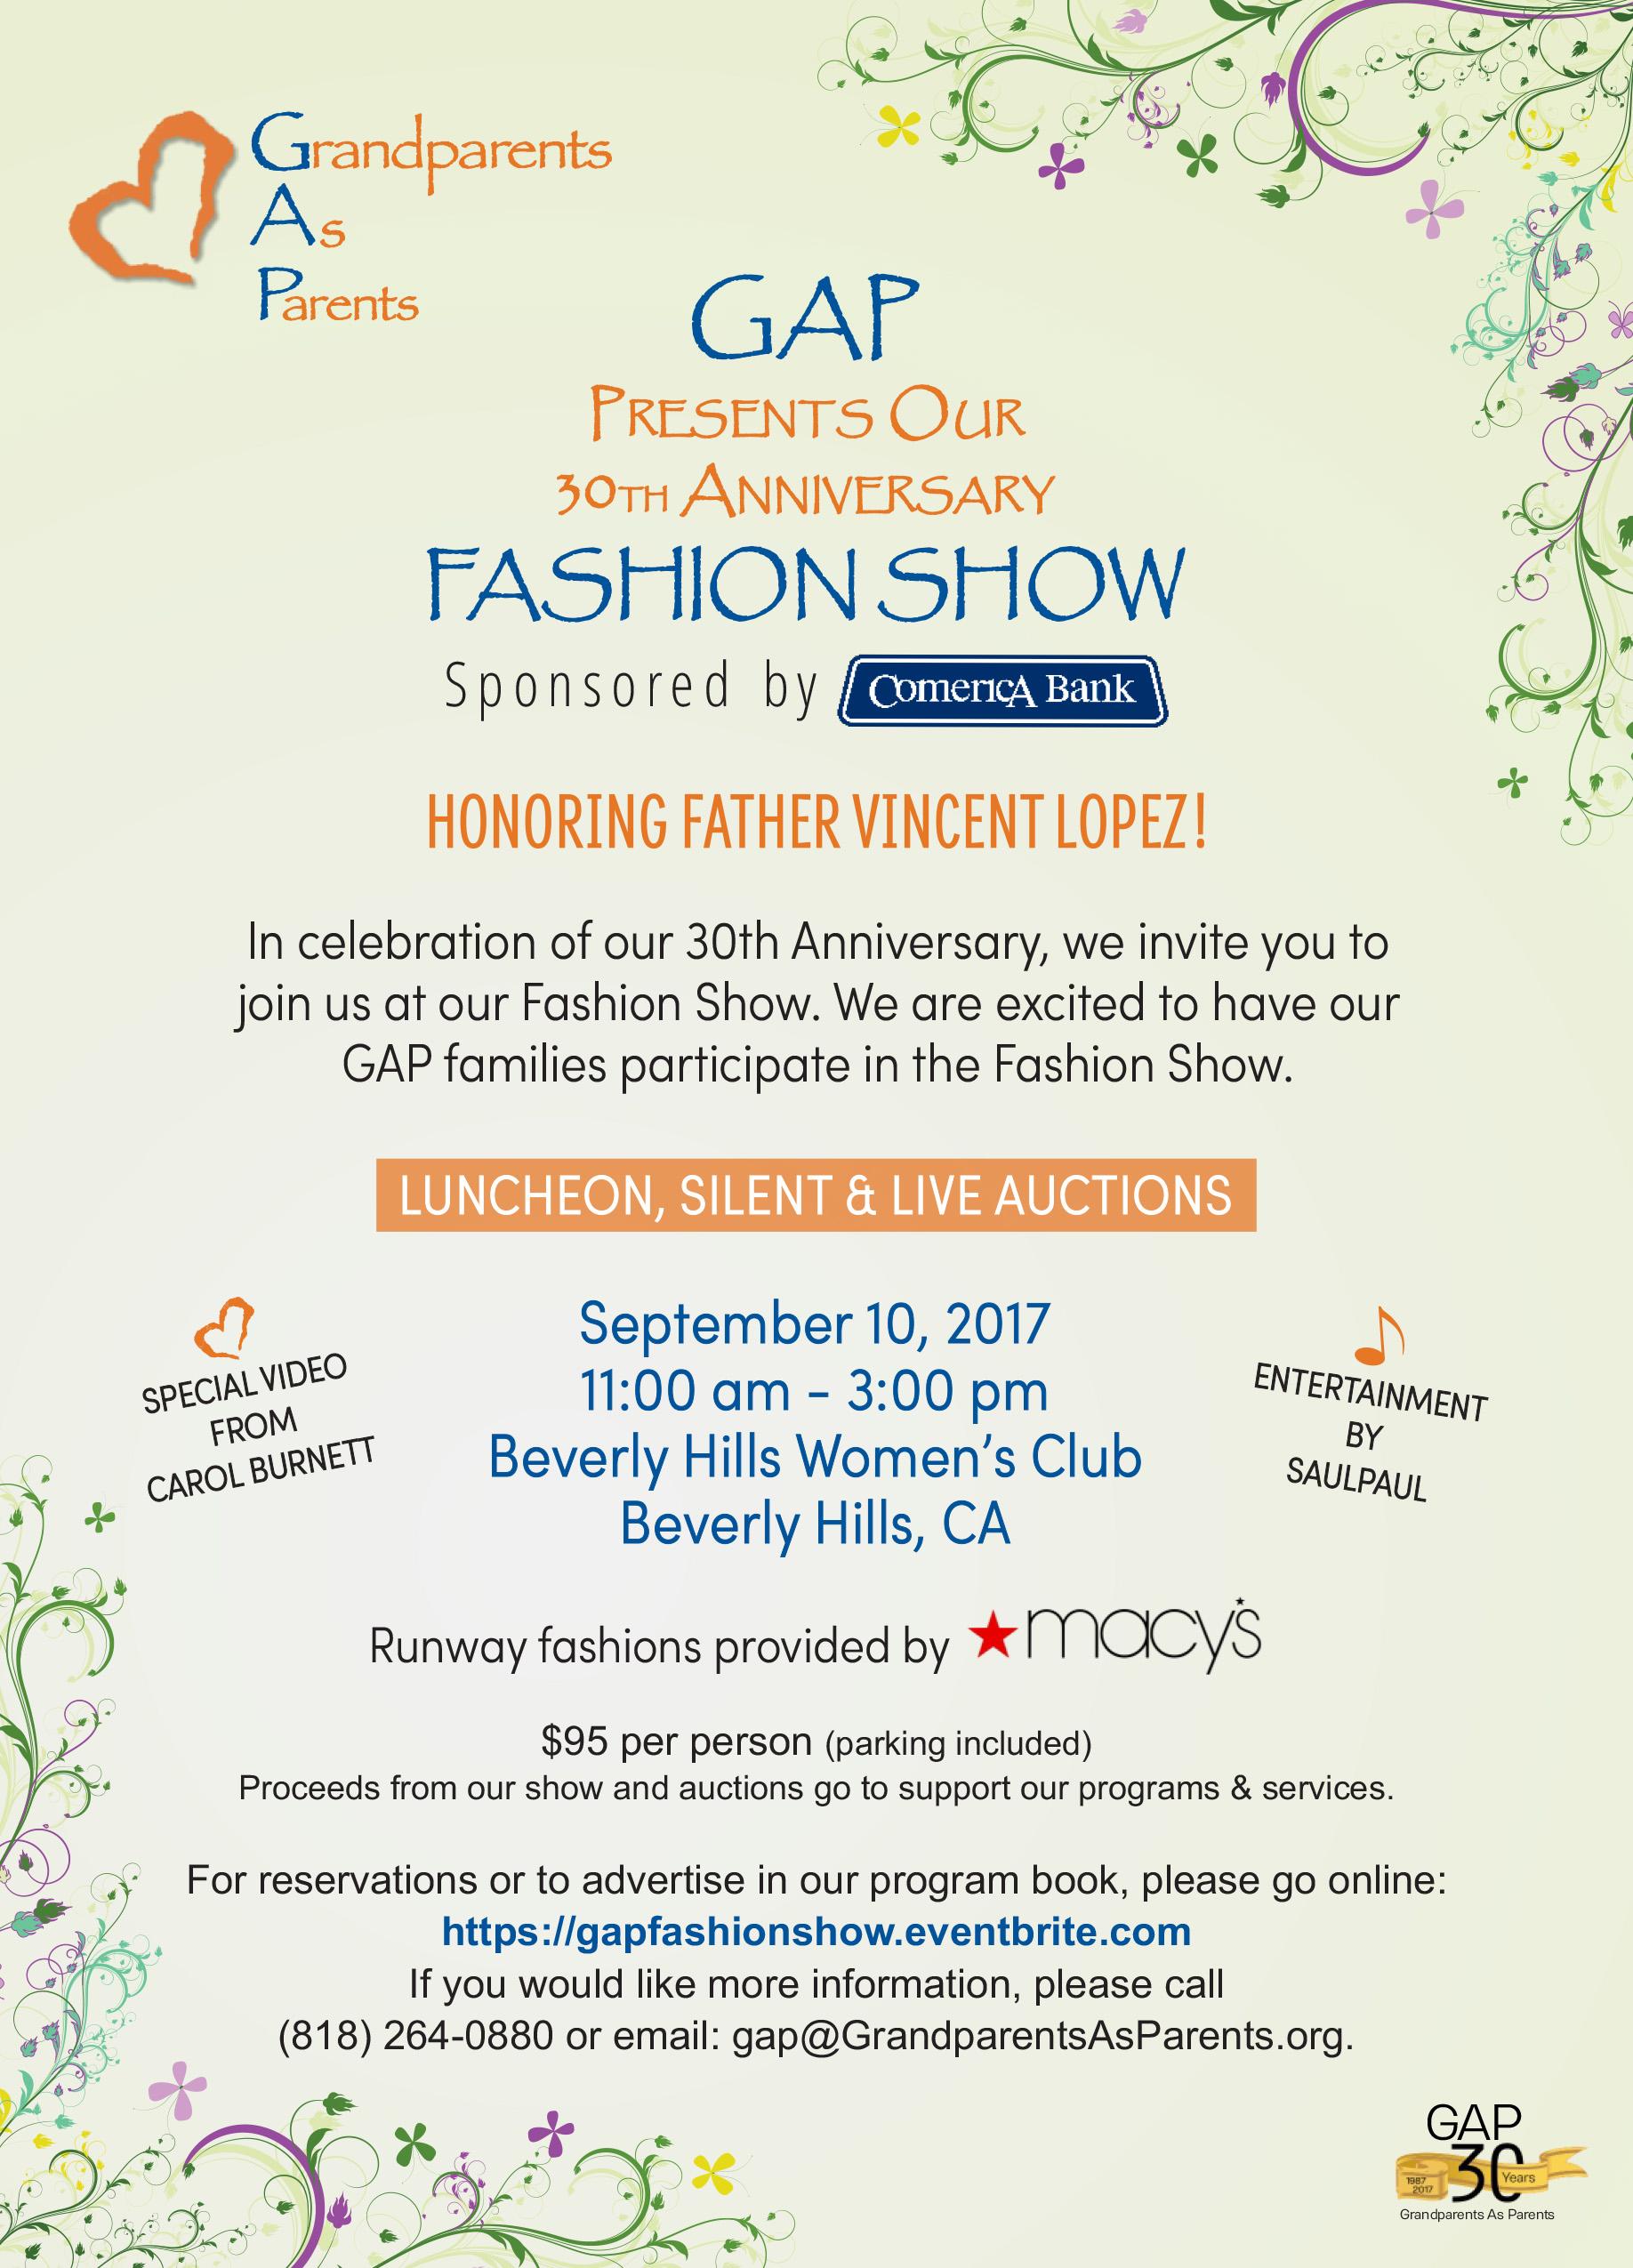 GAP Fashion Show Flyer